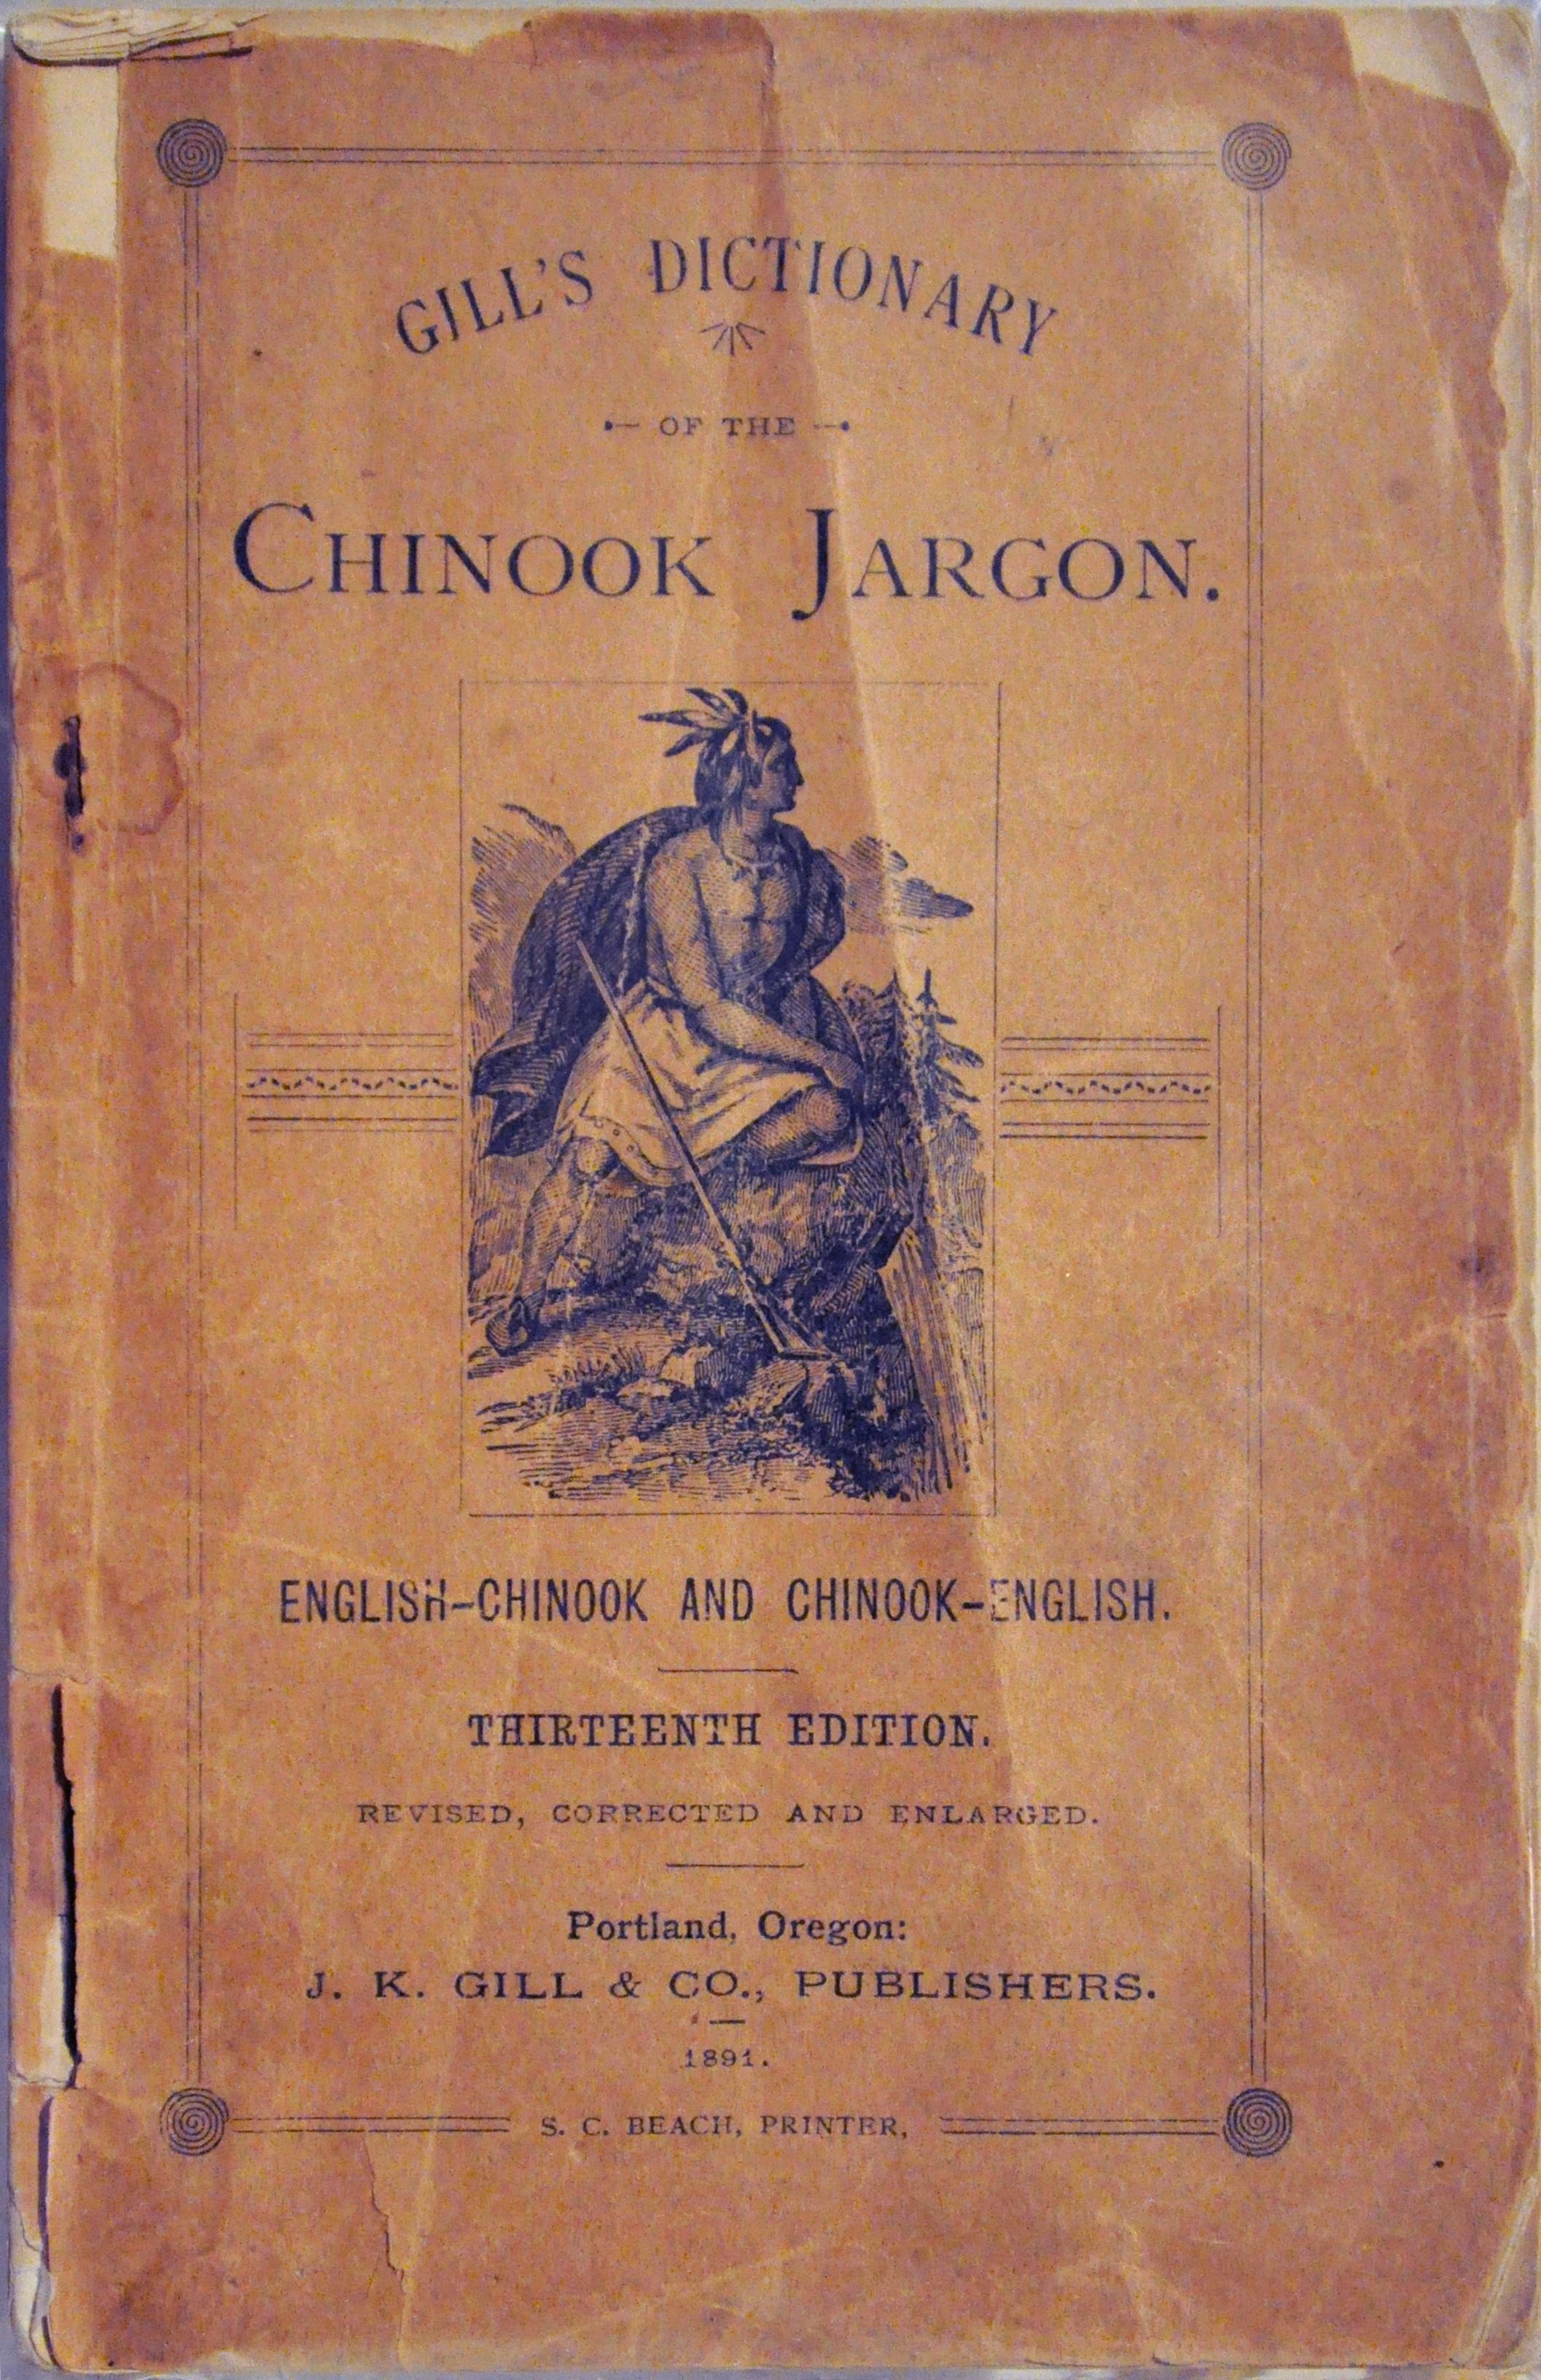 Chinook wawa